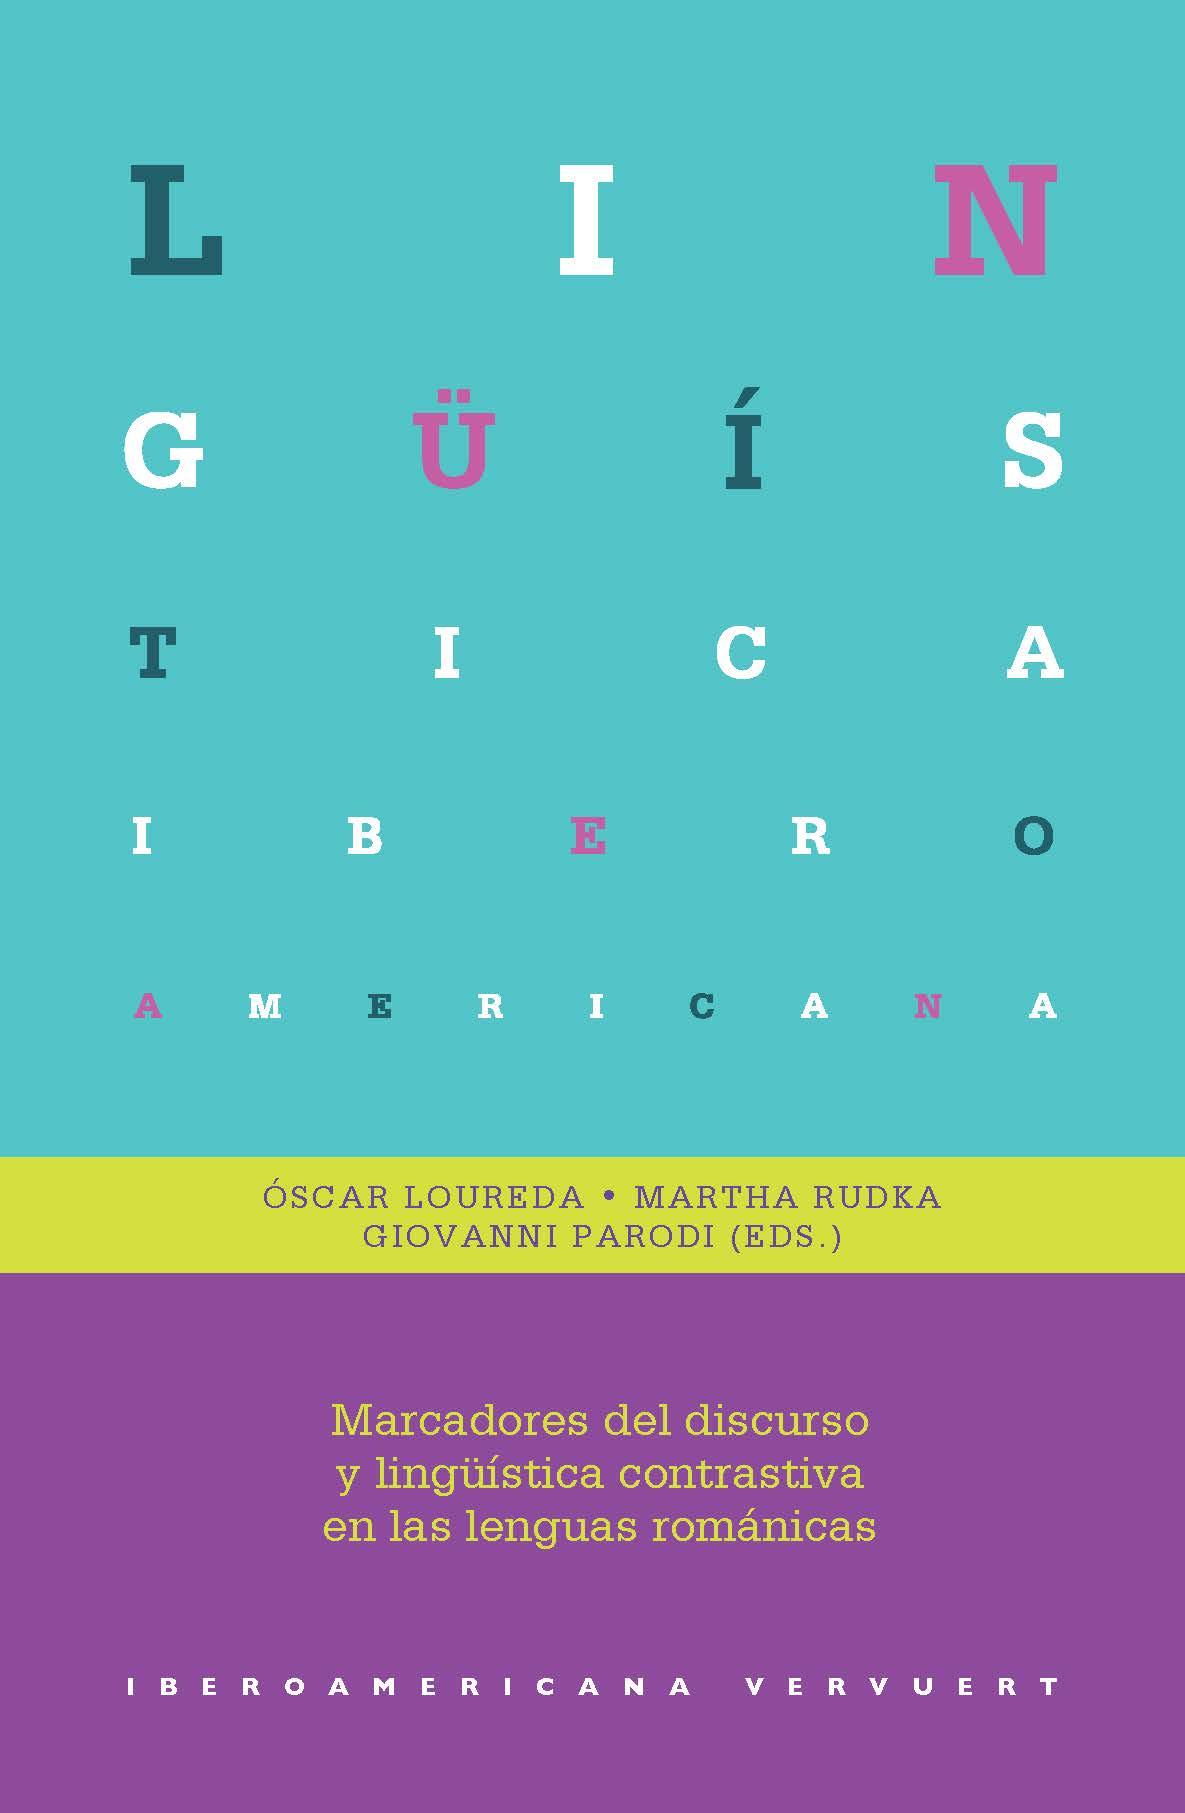 MARCADORES DEL DISCURSO Y LINGÜISTICA CONTRASTIVA EN LAS LENGUAS ROMANICAS